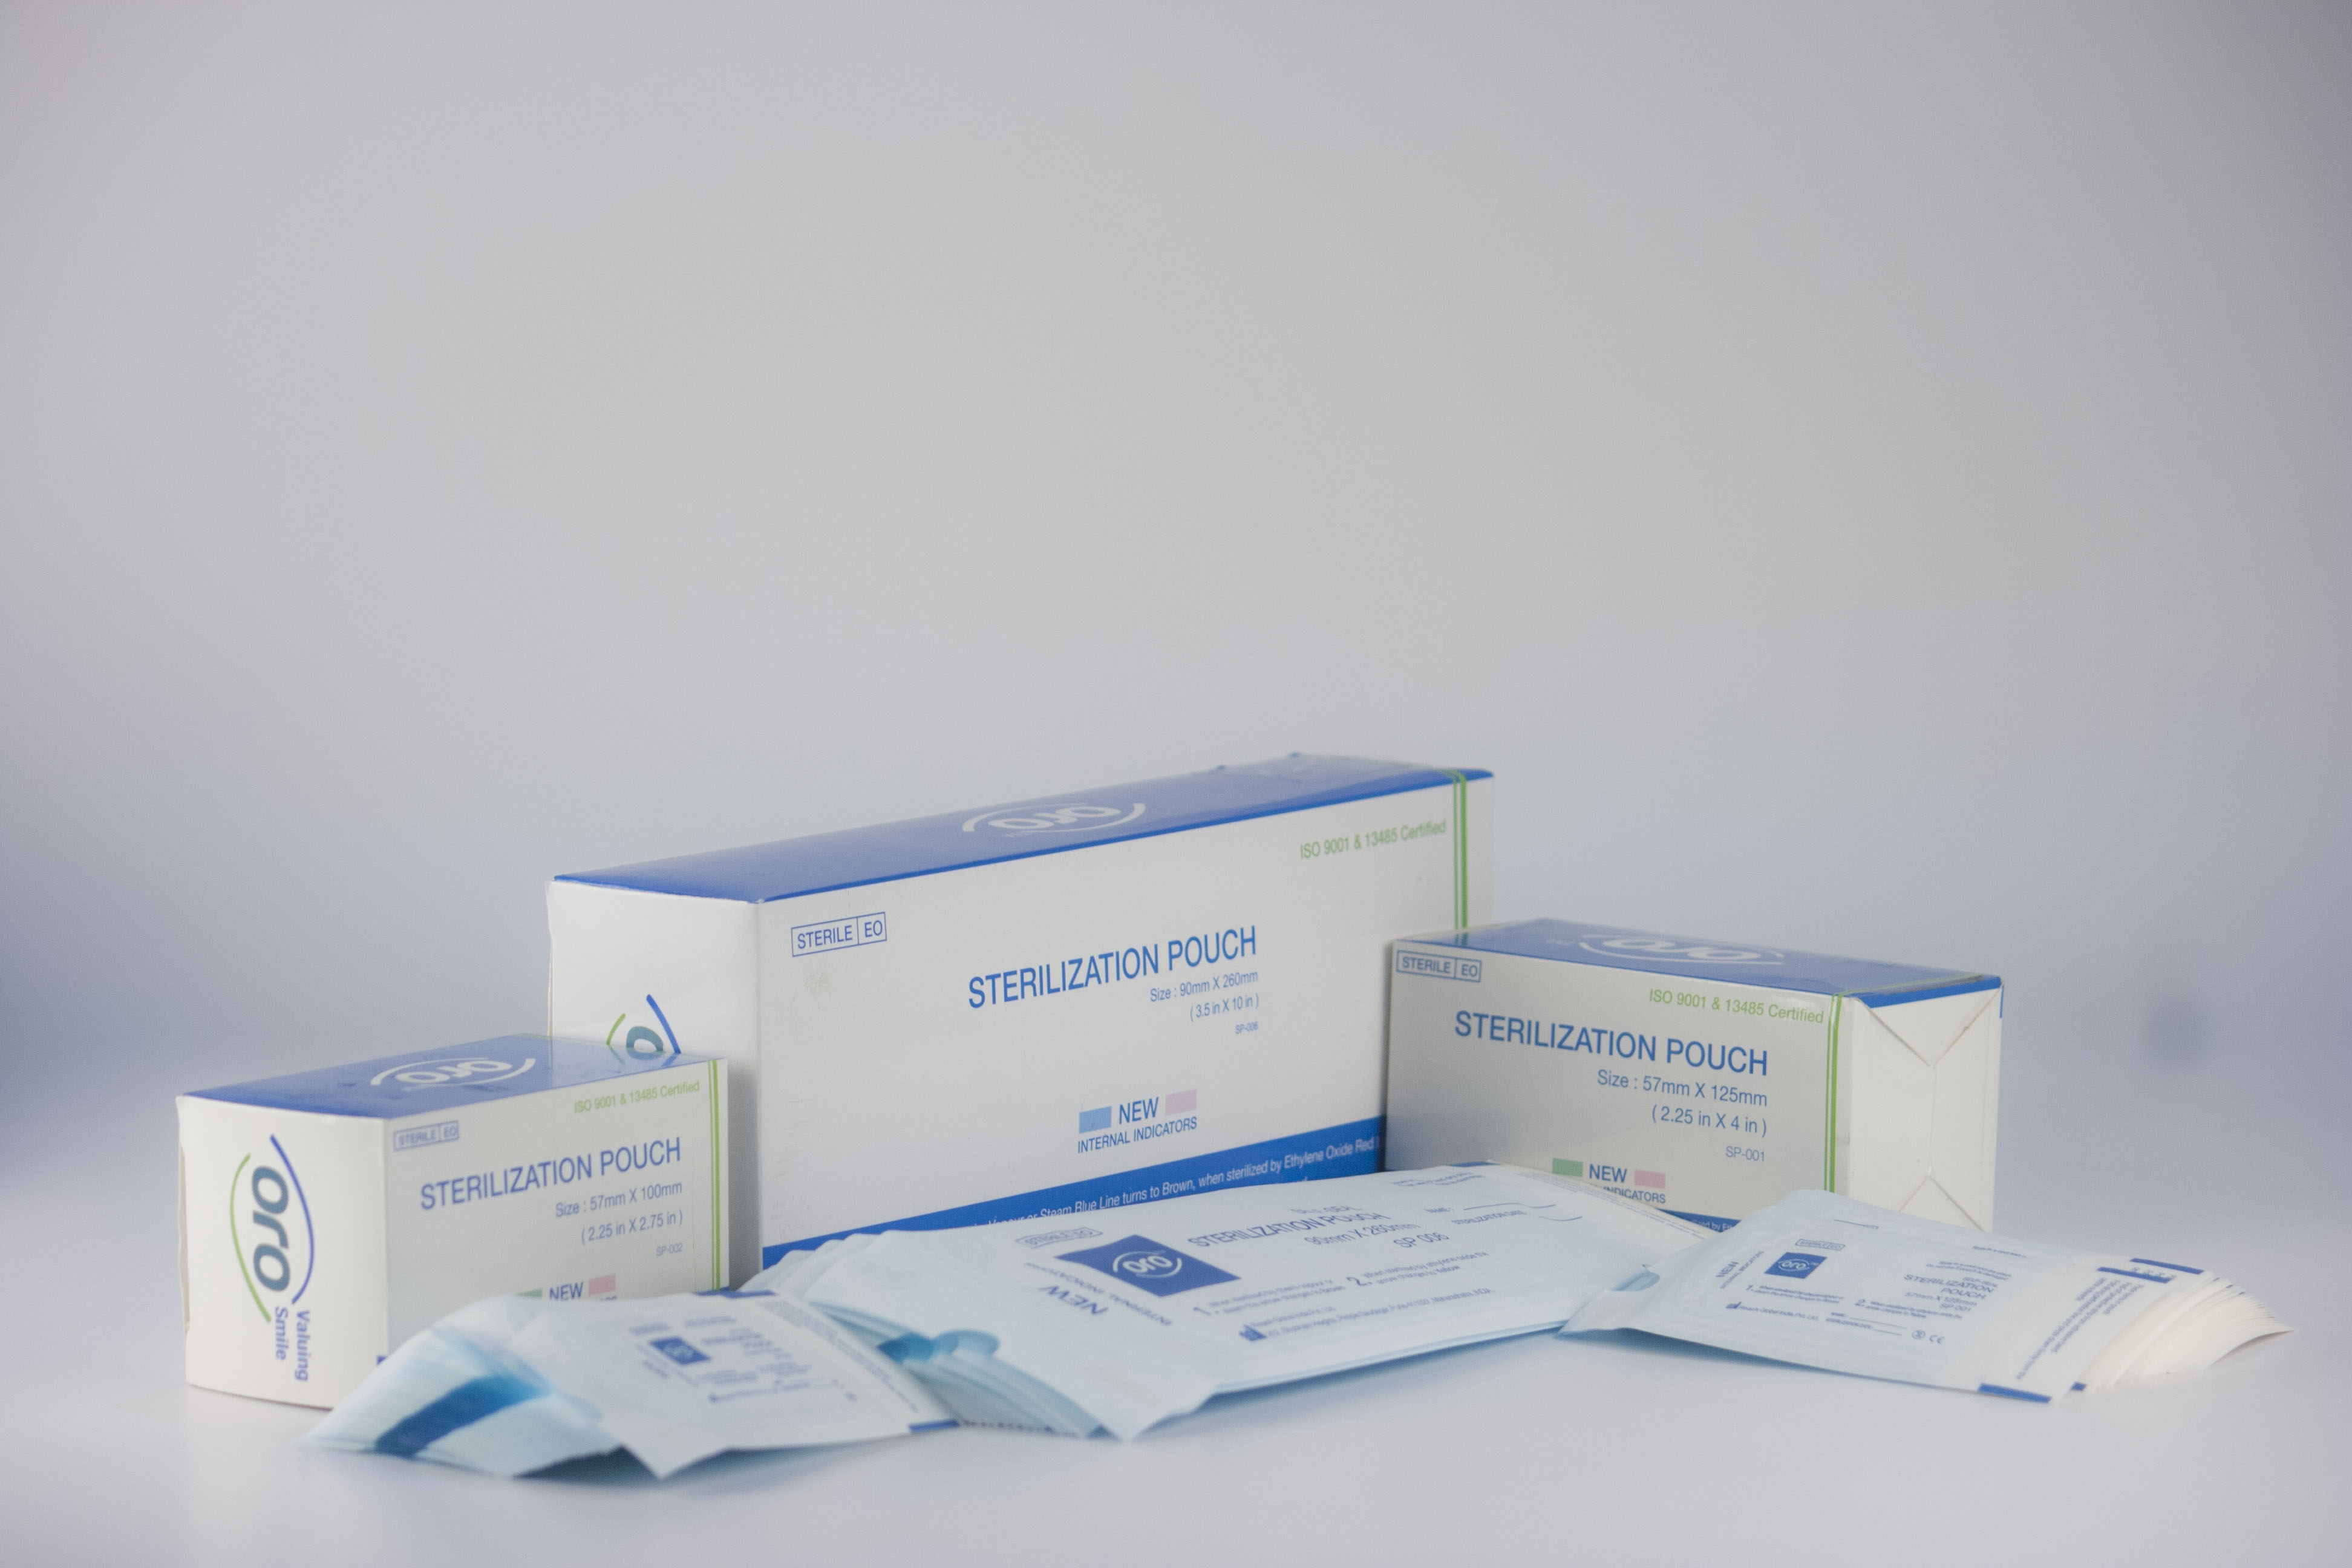 Sterilization Pouches Box of 200